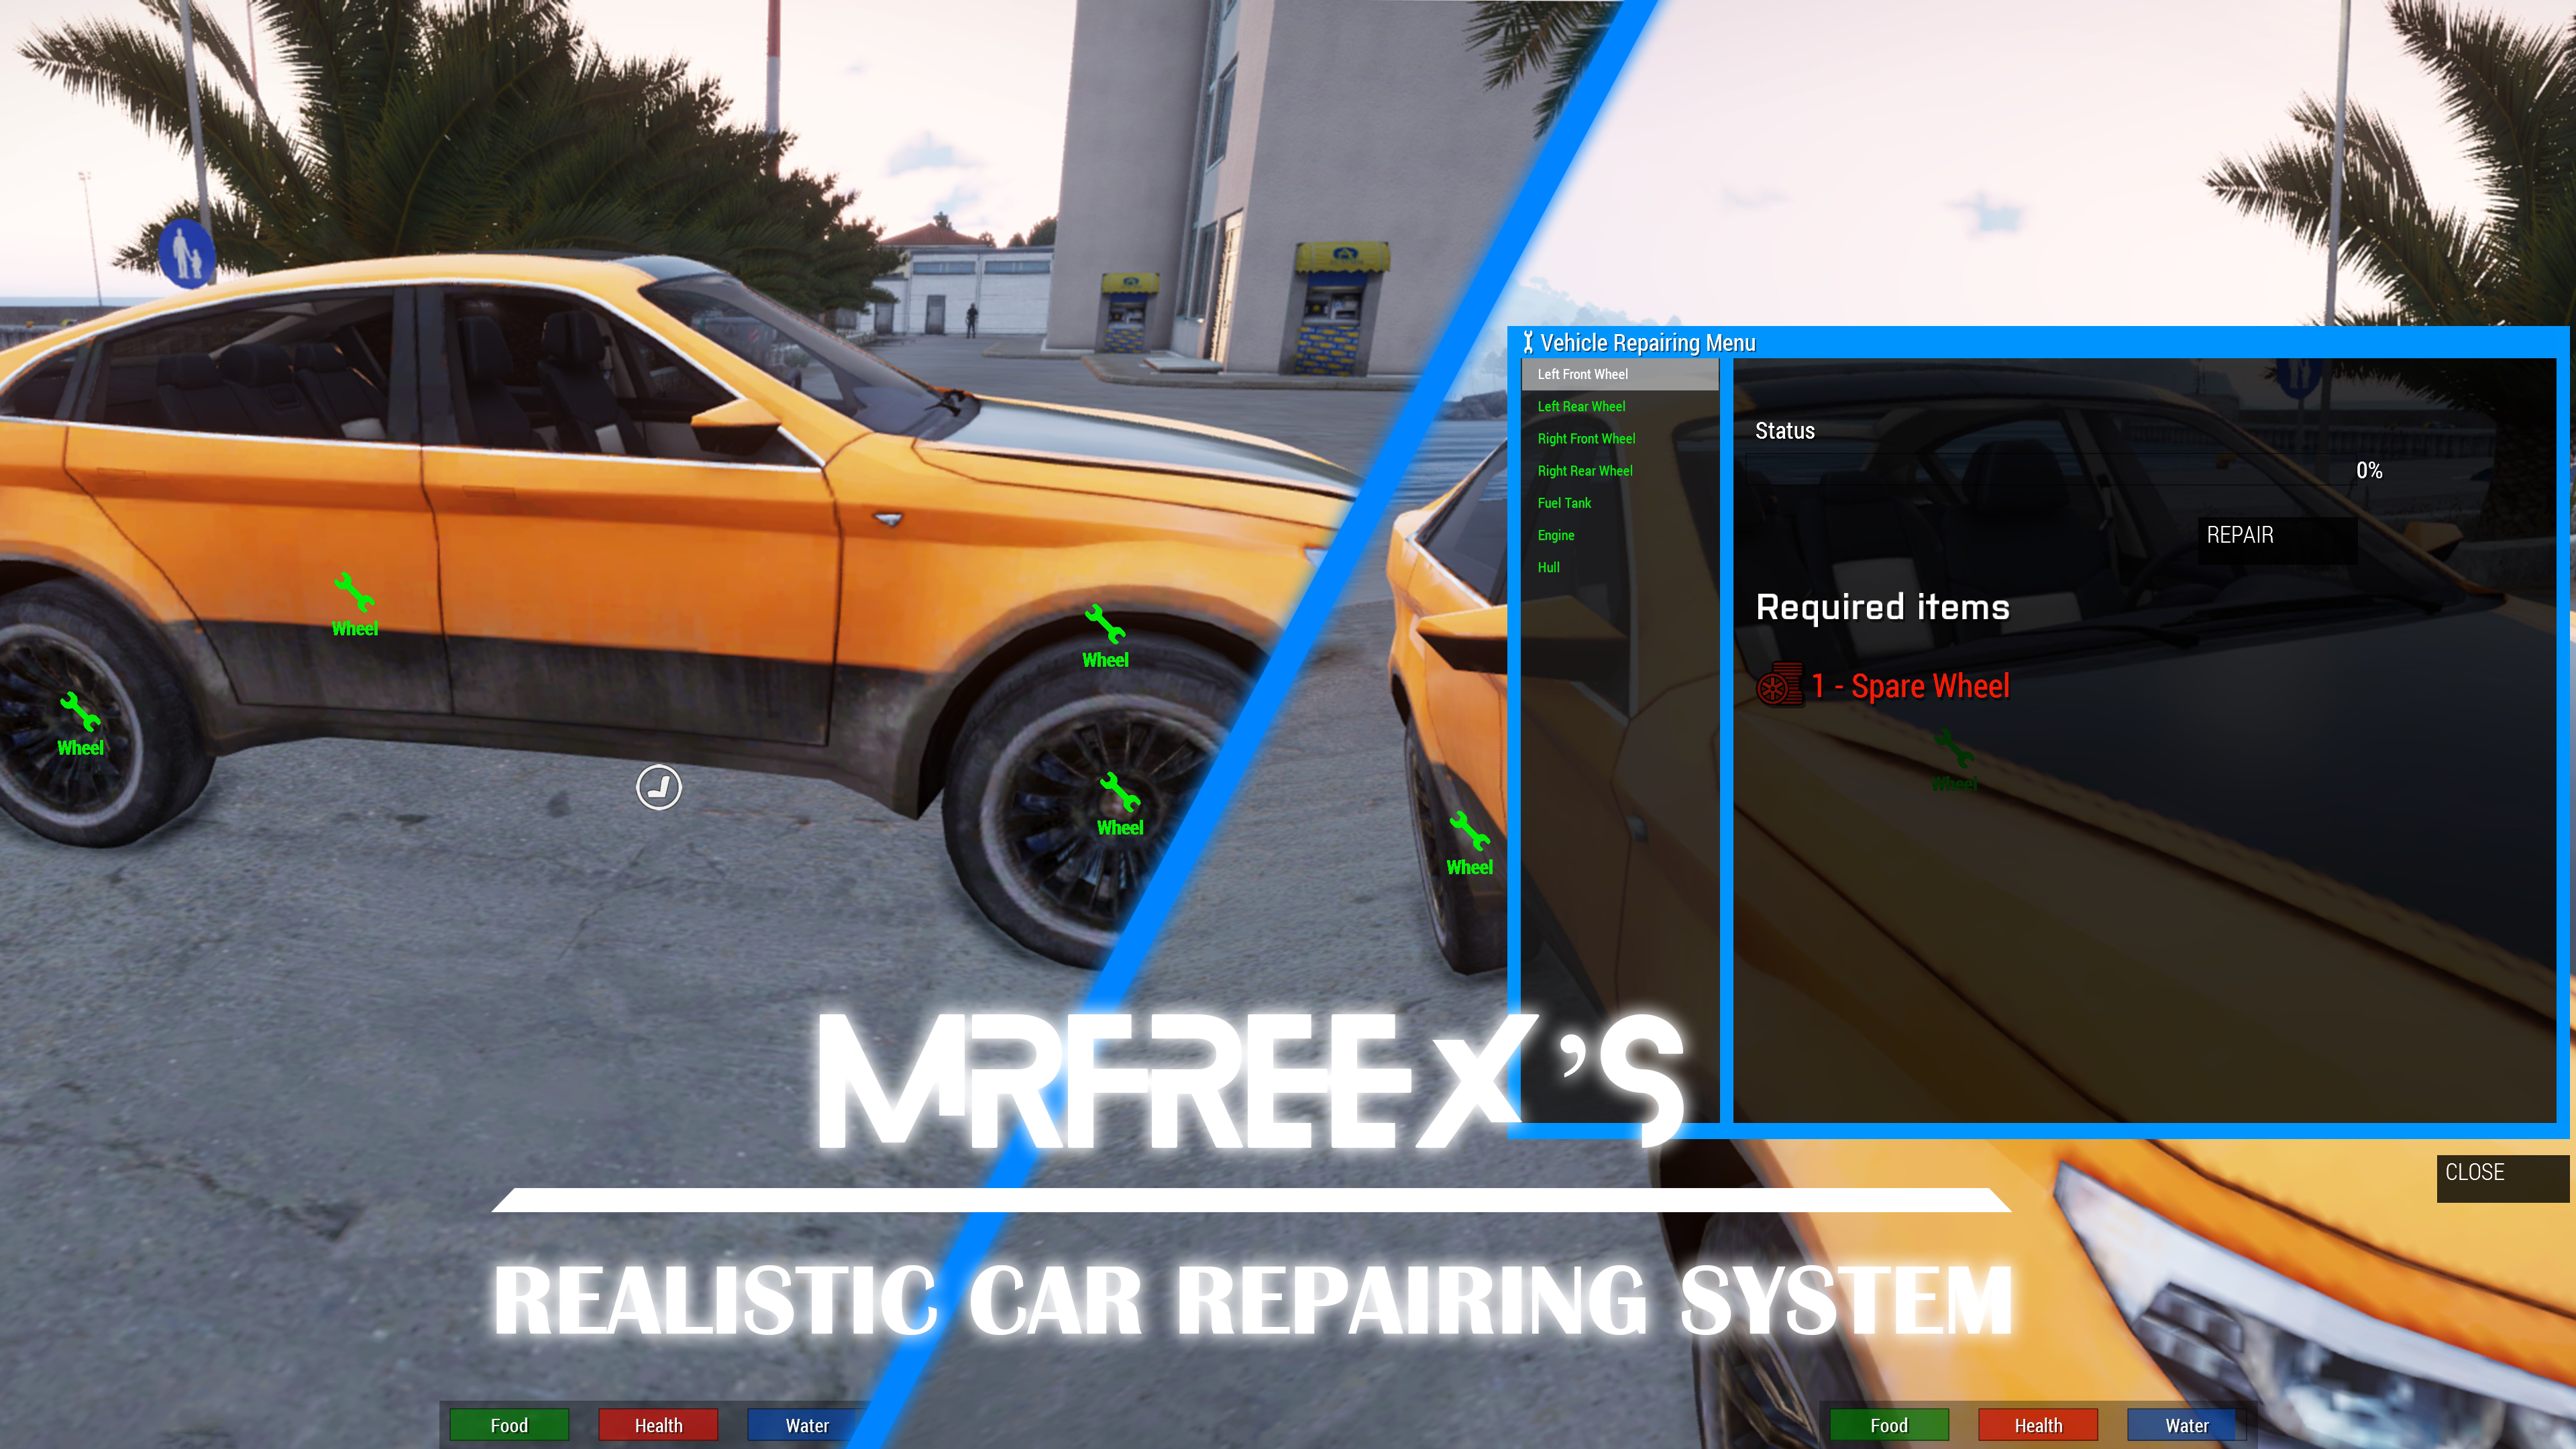 Realistic Car Repairing System